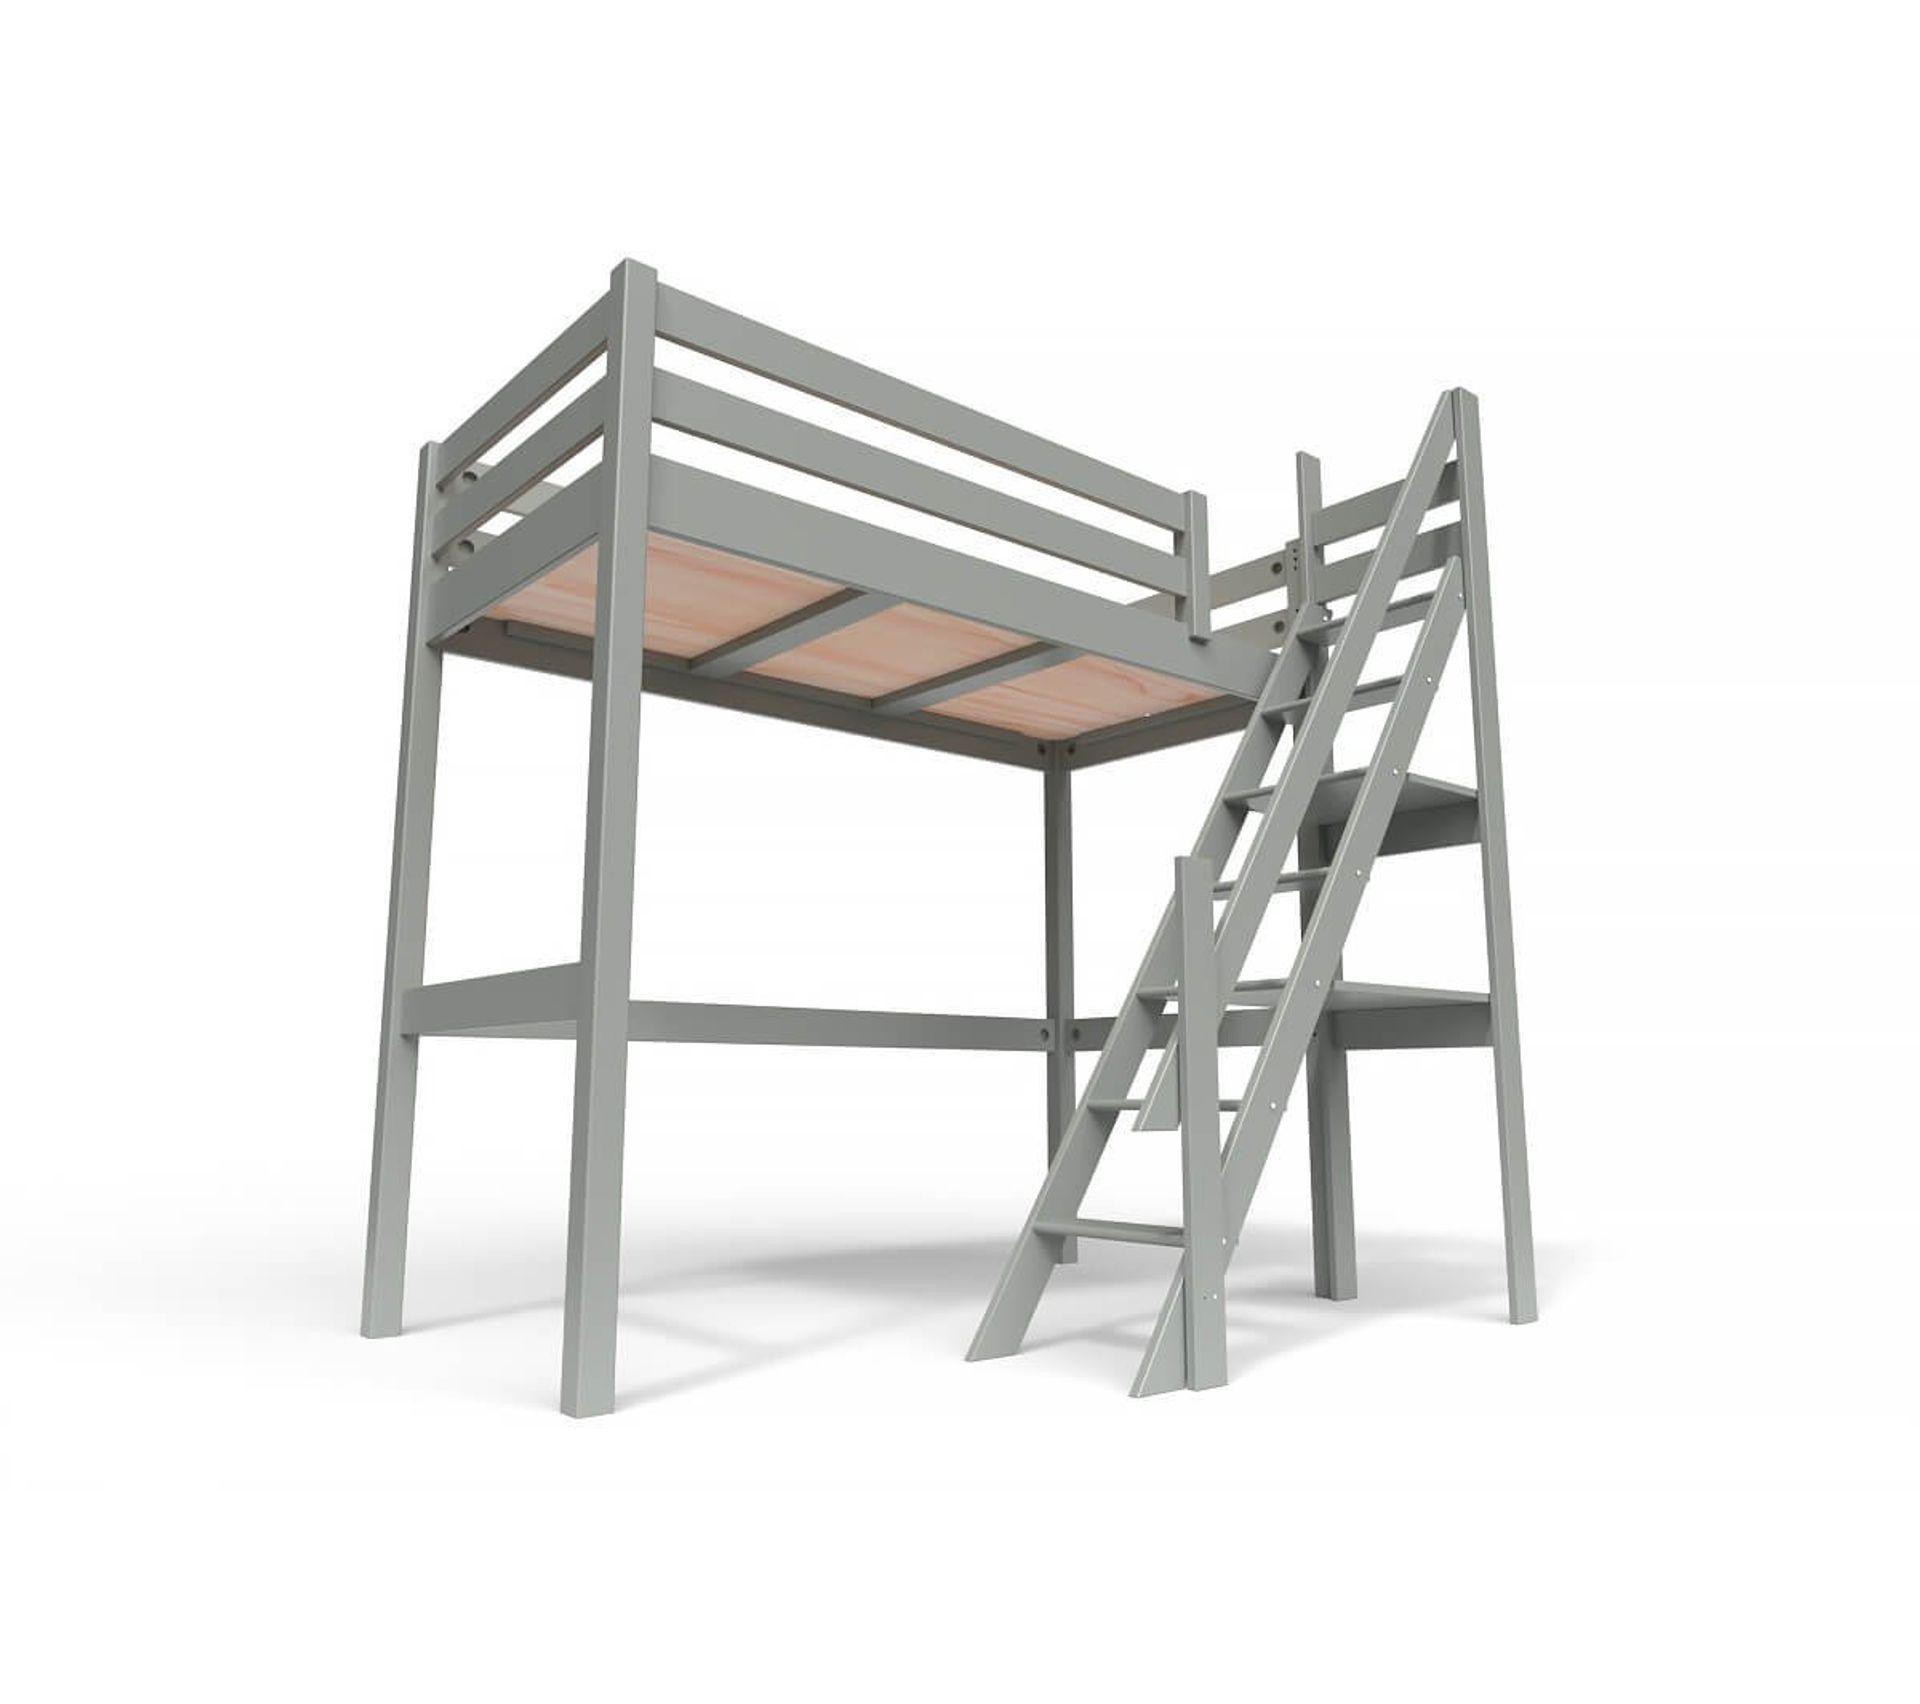 Lit Superposé Marche Escalier lit mezzanine sylvia avec escalier de meunier bois, couleur: gris,  dimensions: 90x200